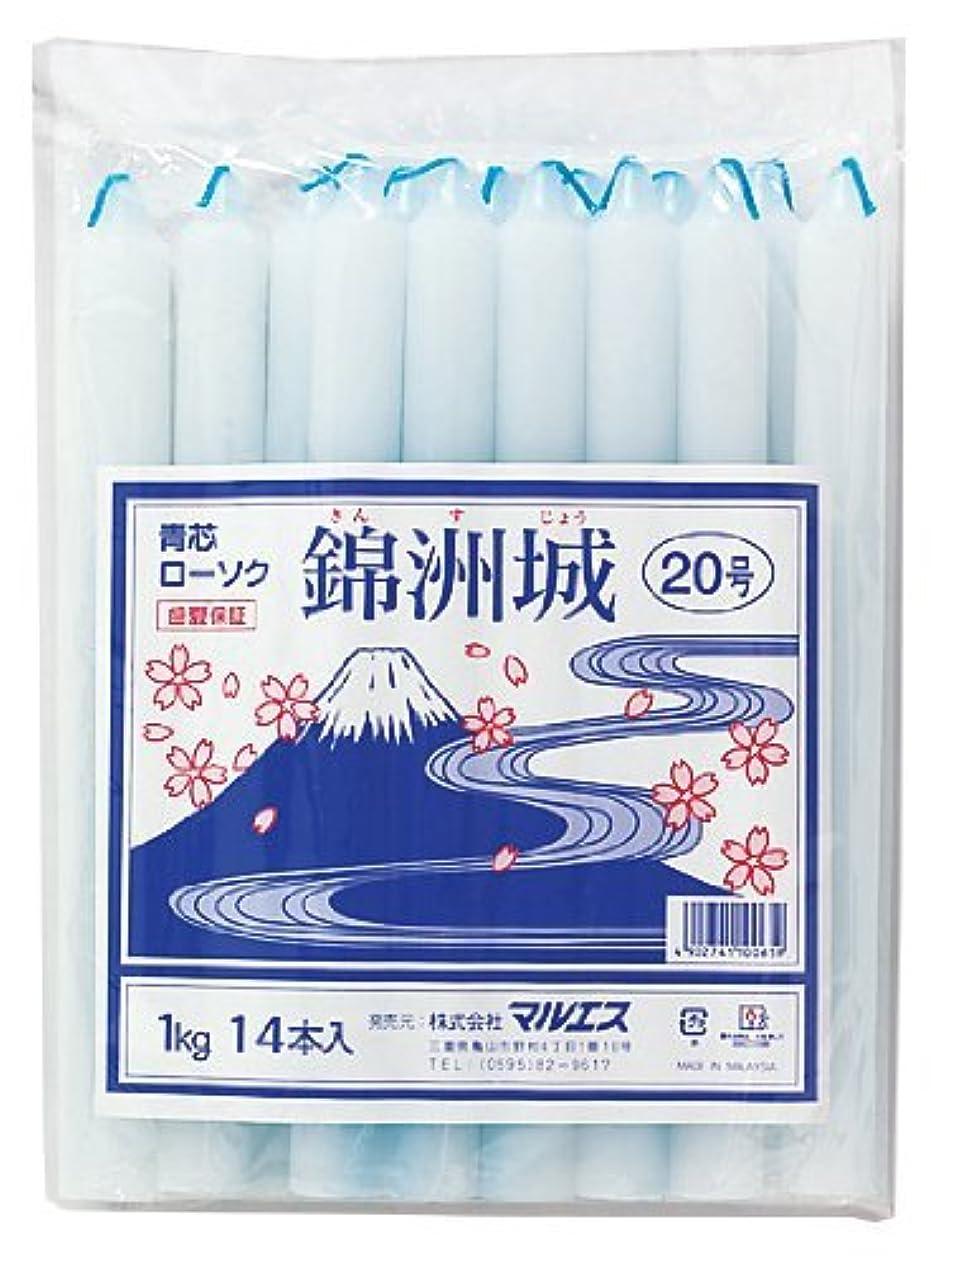 傾向があります驚かす創造マルエス 錦州城 青芯20号 1kg